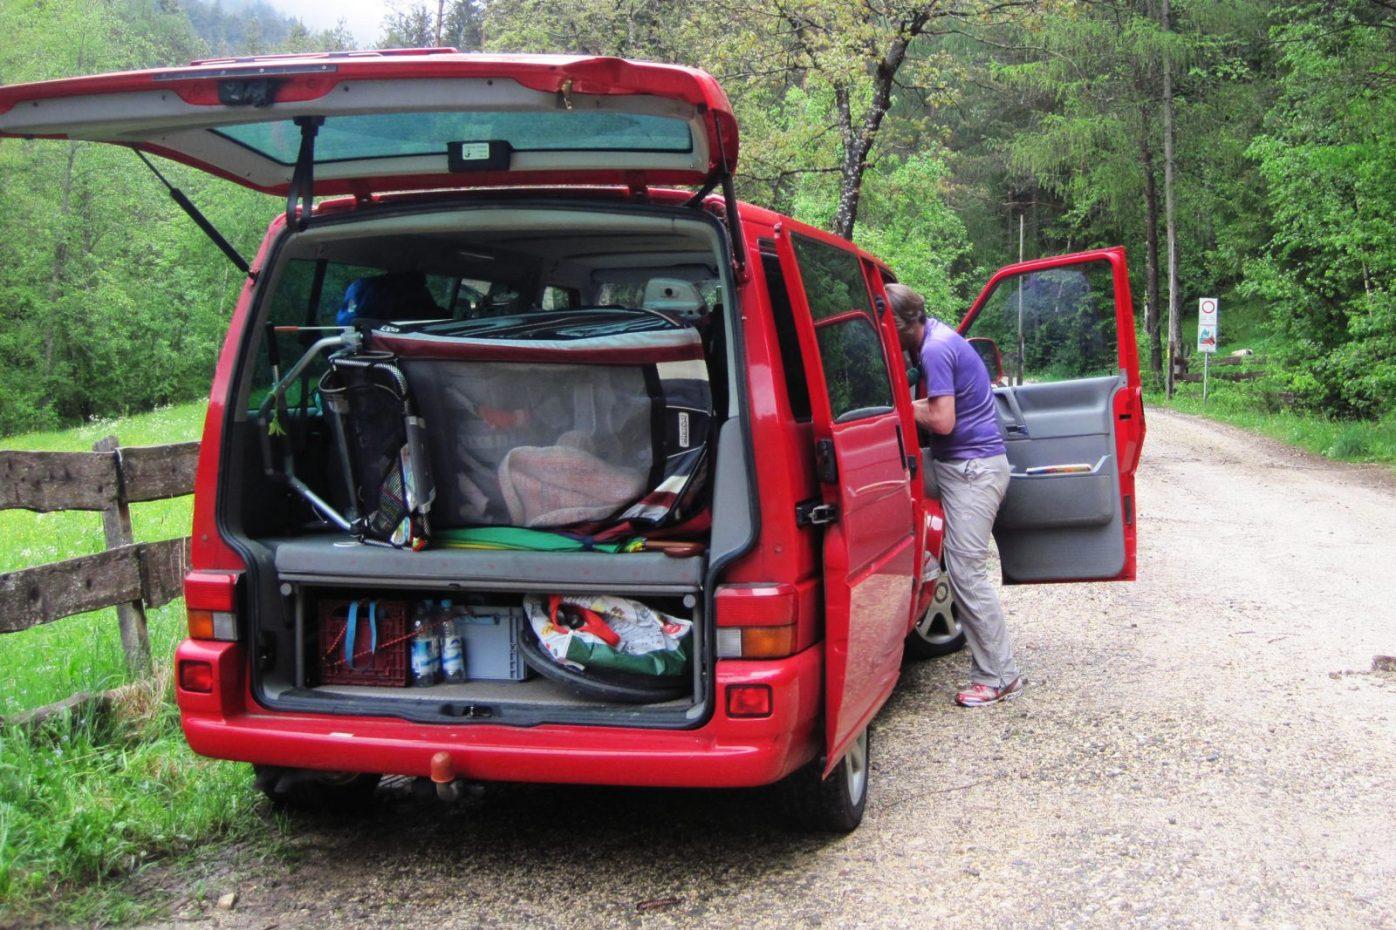 Chariot CX2 passt leicht in den Kofferraum des VW T4 Multivan